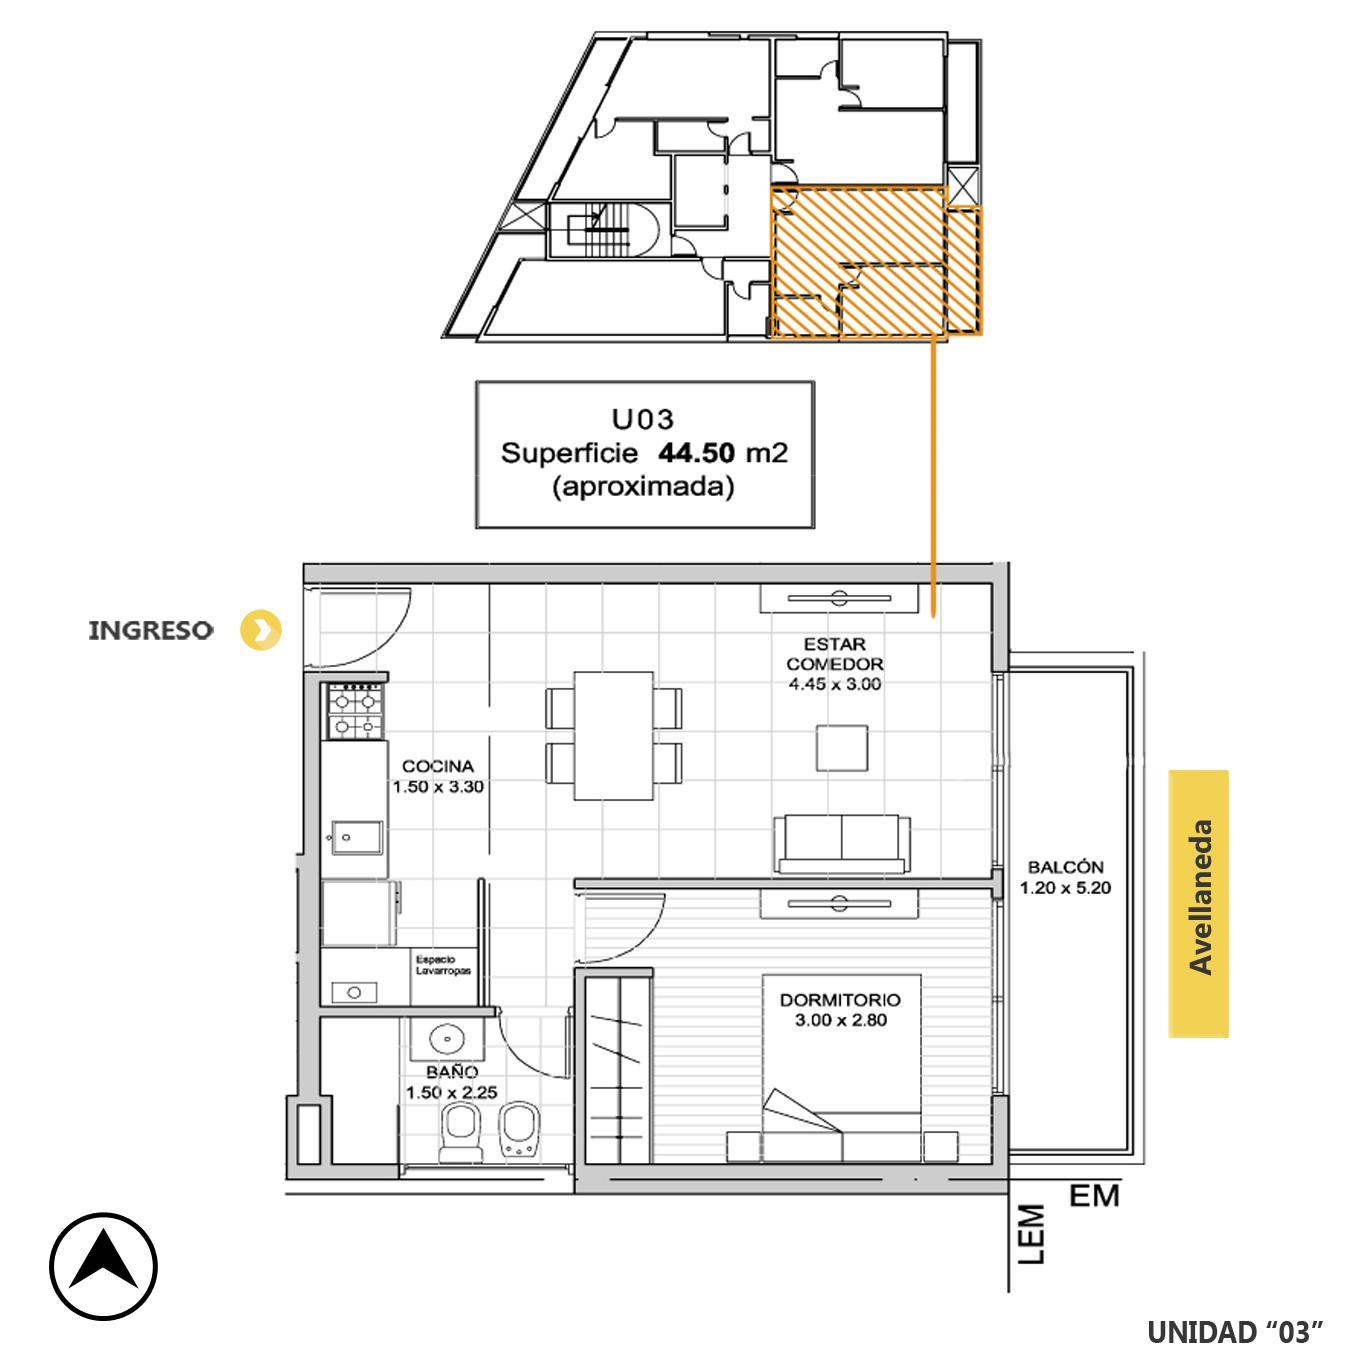 Venta departamento 1 dormitorio Rosario, Remedios De Escalada De San Martin. Cod CBU23216 AP2197278. Crestale Propiedades